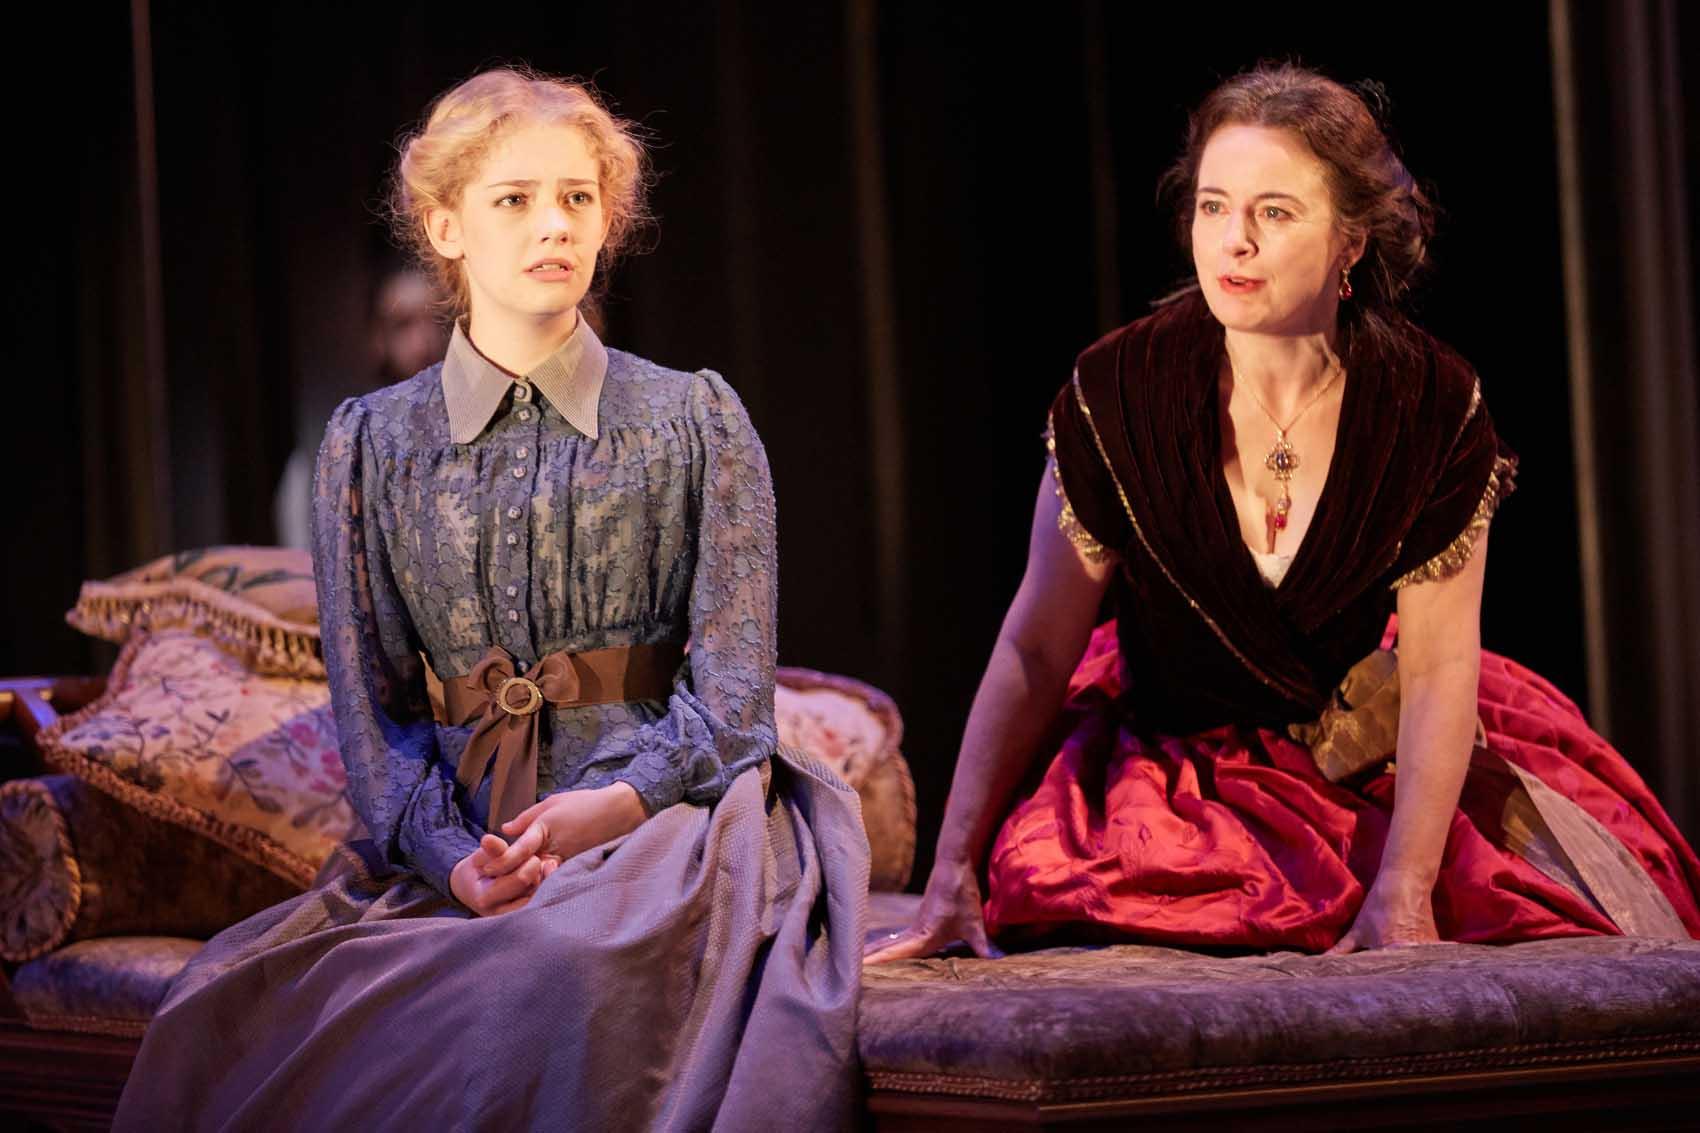 LILY SACOFSKY (Vera) & AMANDA DREW (Natalya)